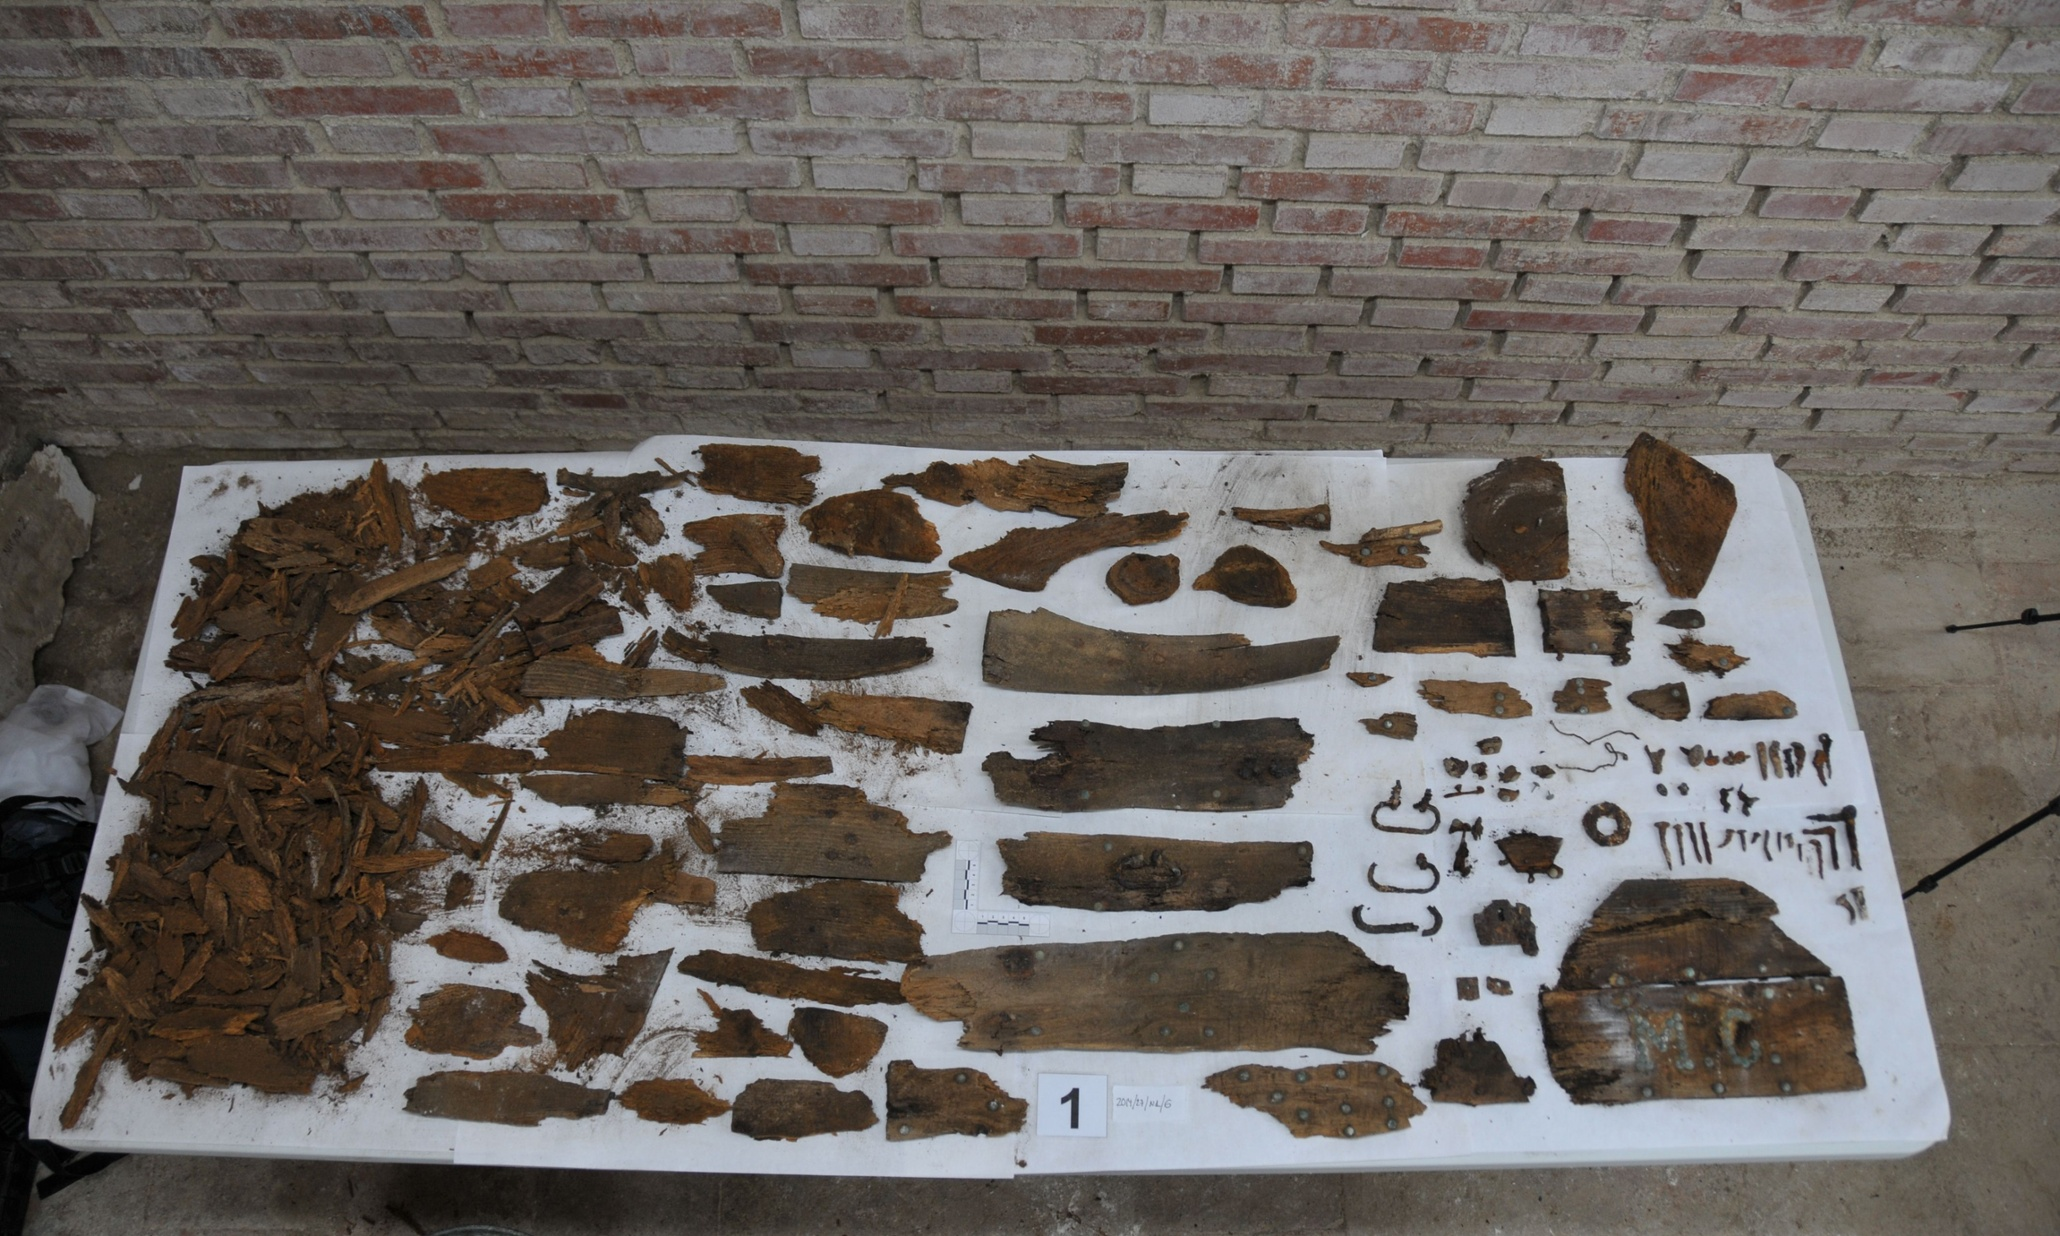 Remains of Cervantes, author of Don Quixote, 'found in convent'